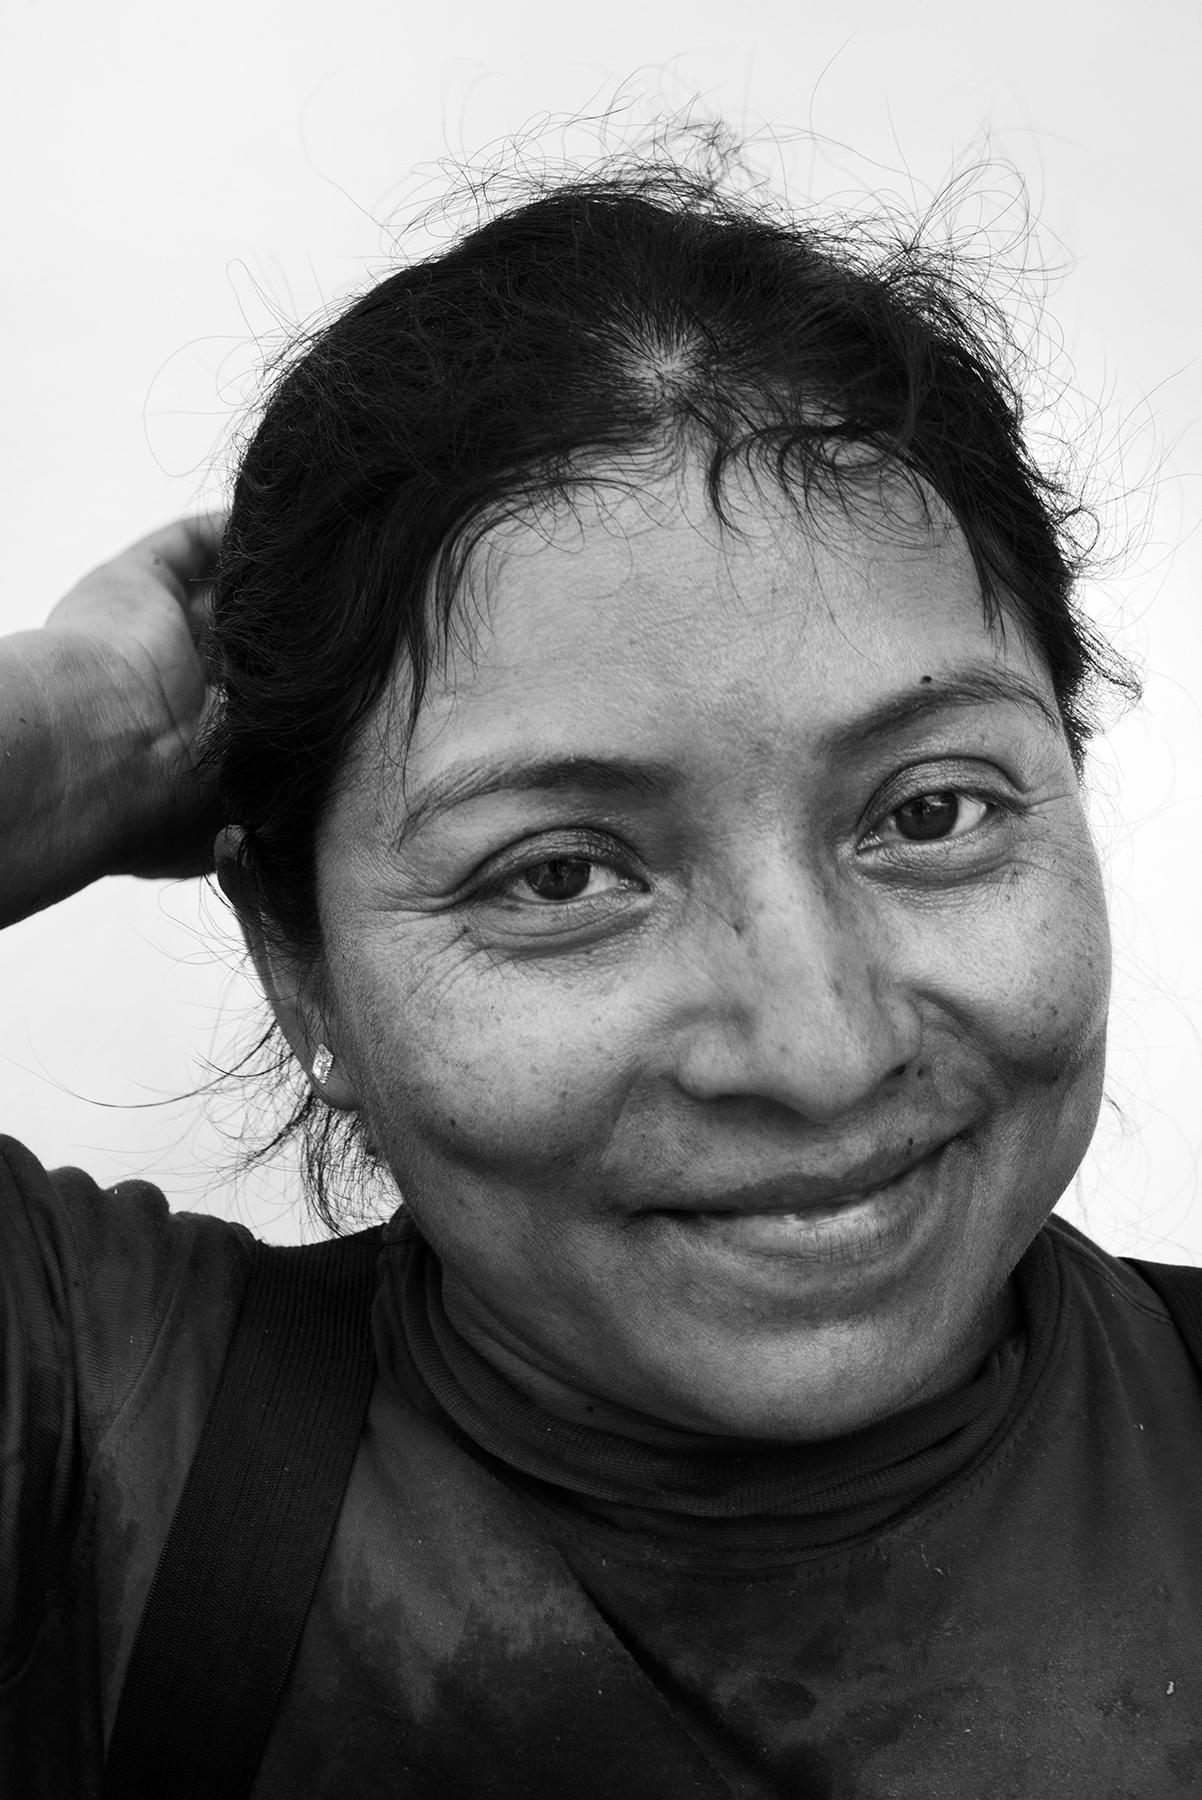 Hortensia Olivera, 30, Oaxaca, Mexico.